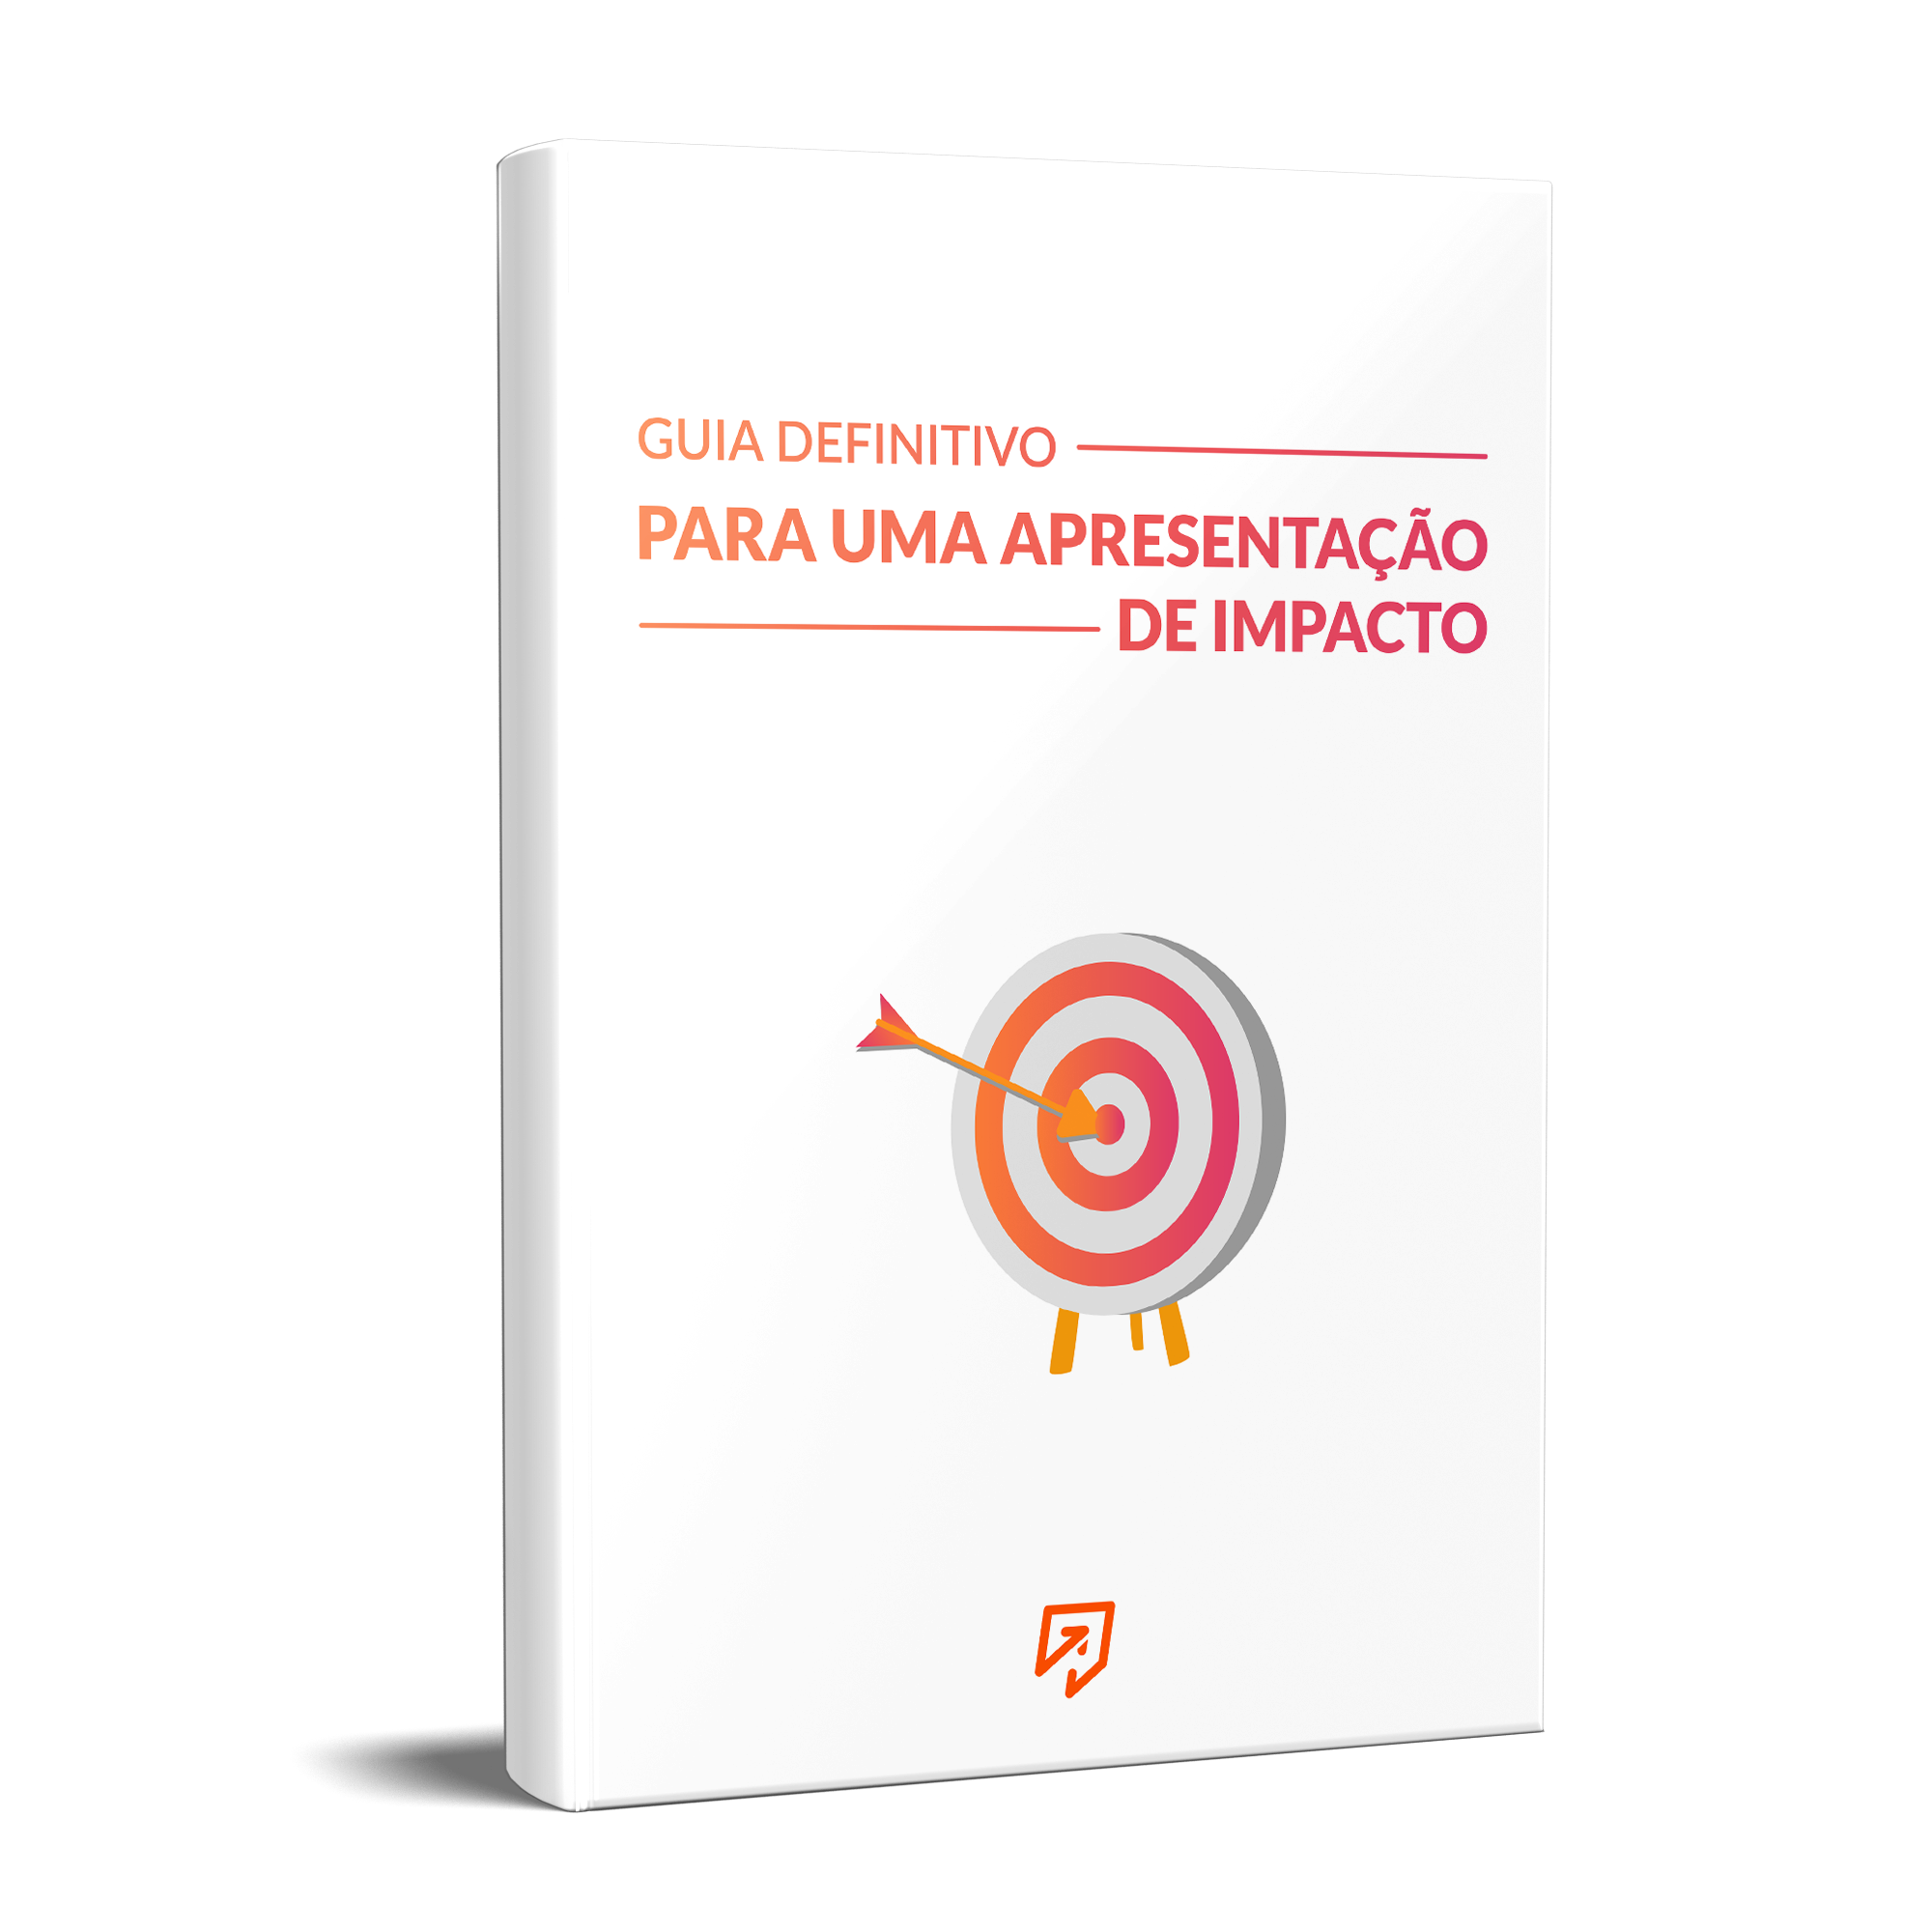 como fazer uma boa apresentação de produtobaixe o nosso guia de apresentação de impacto